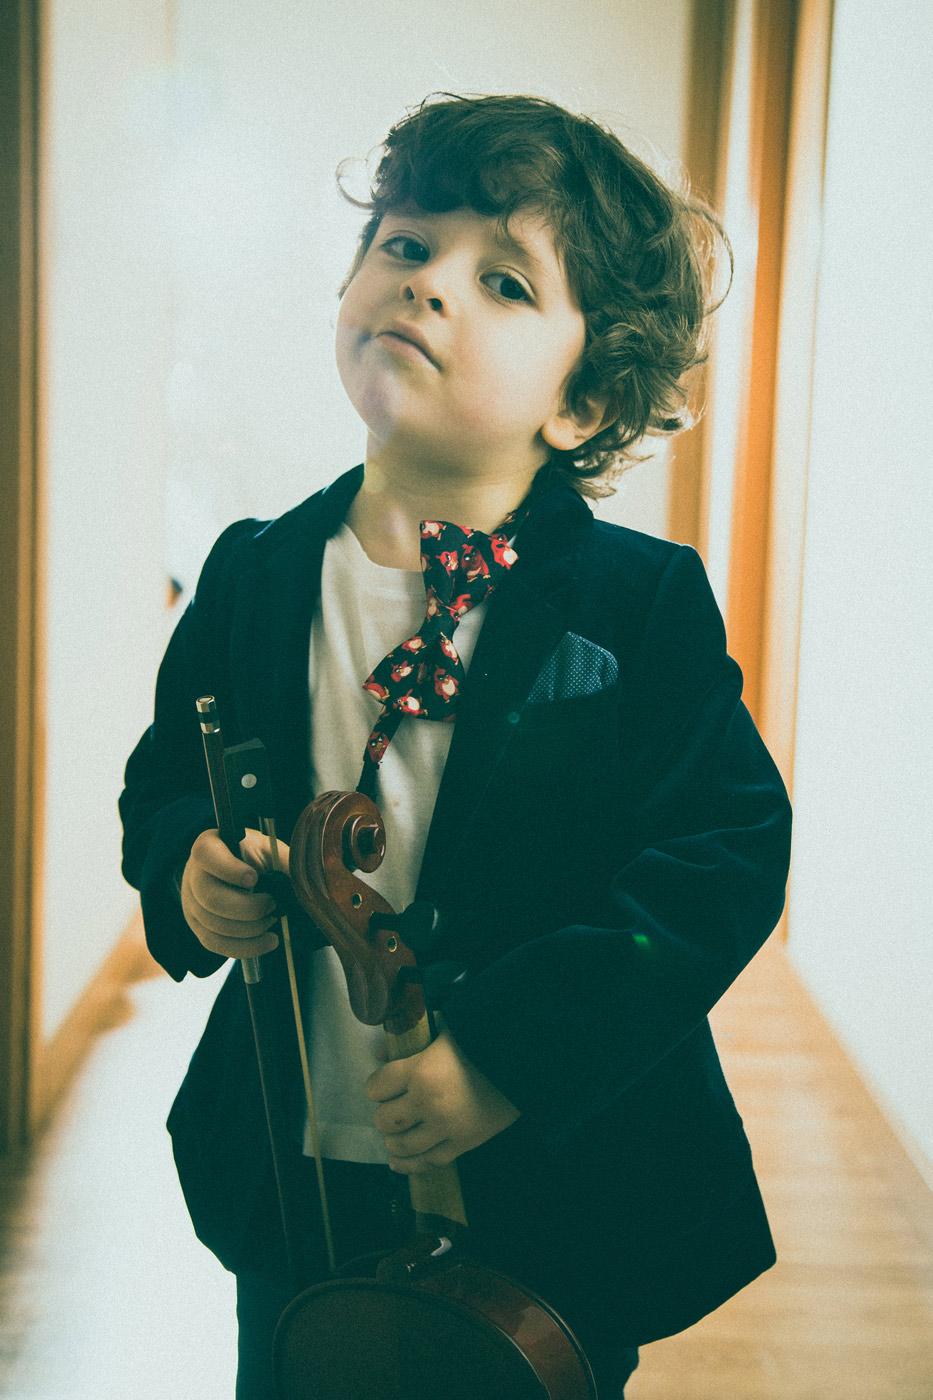 niño interesante que sujeta un violin